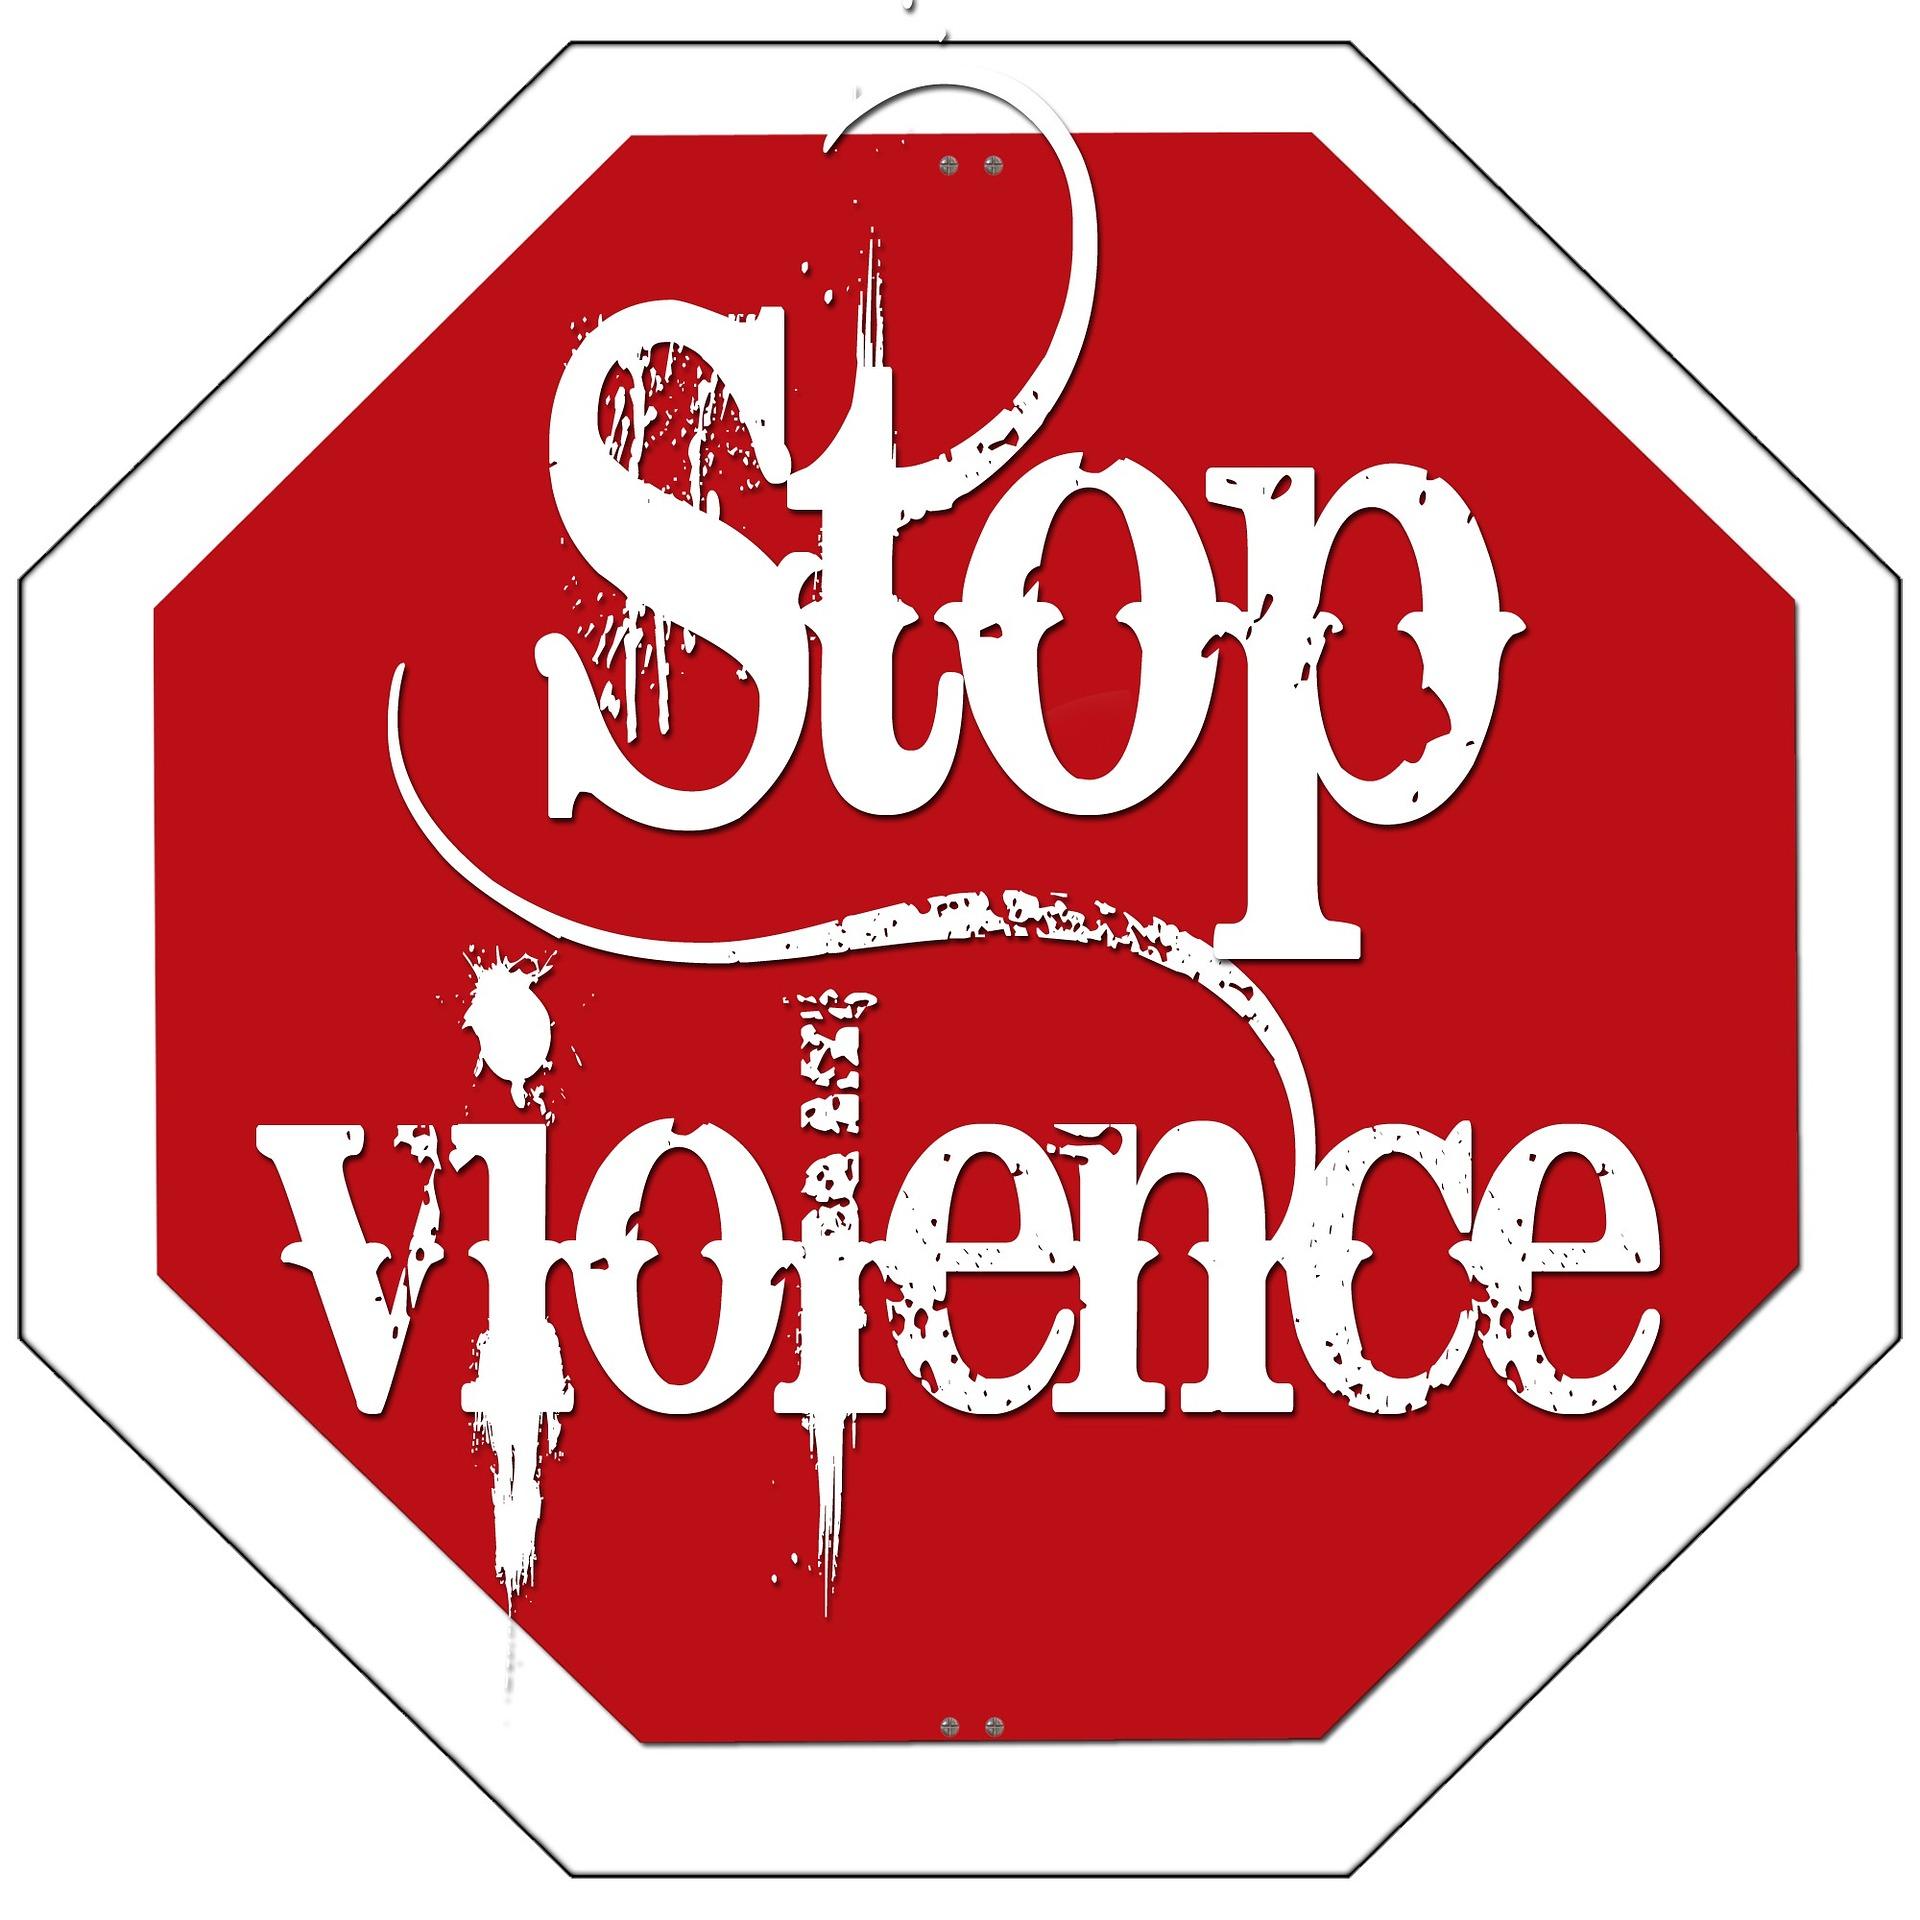 L'ORDONNANCE DE PROTECTION APRES LA LOI DU 28 DECEMBRE 2019 : UNE PROTECTION RENFORCEE POUR LES VICTIMES DE VIOLENCES FAMILIALES